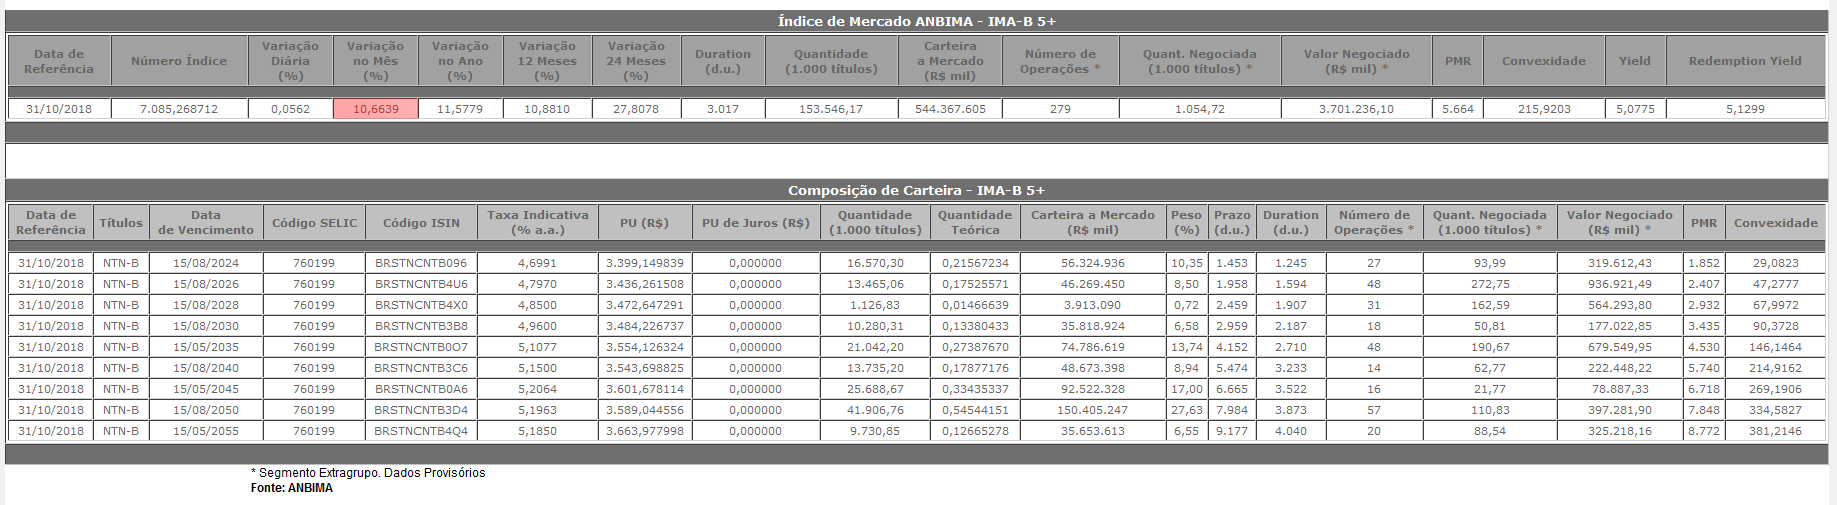 Ima-b 5+ anbima 10,66% rentabilidade no mês renda fixa